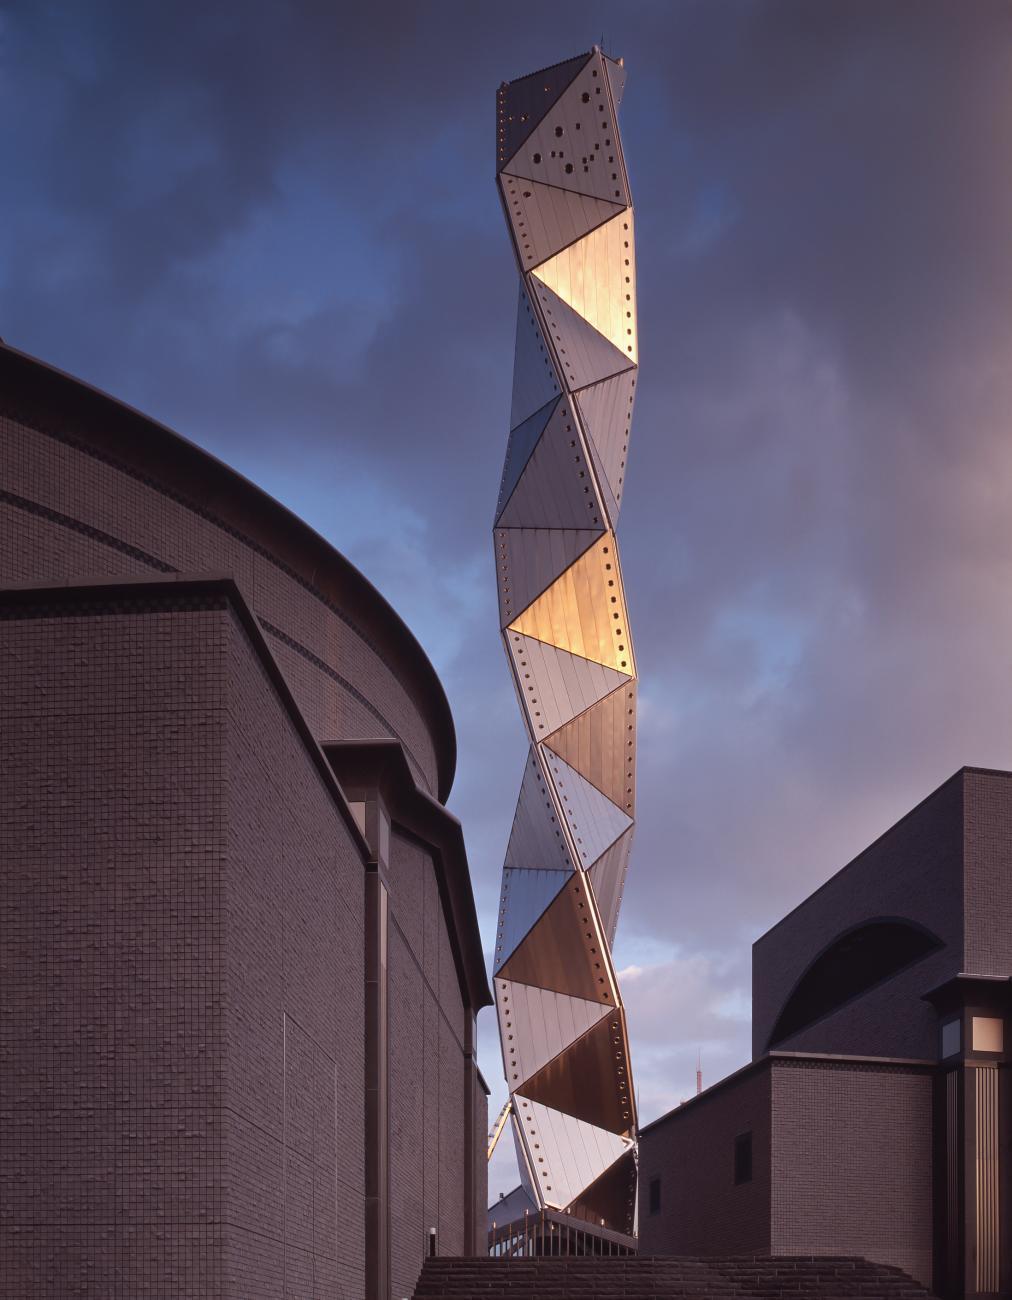 The tower, Art Tower MITO (1990), Yasuhiro ISHIMOTO